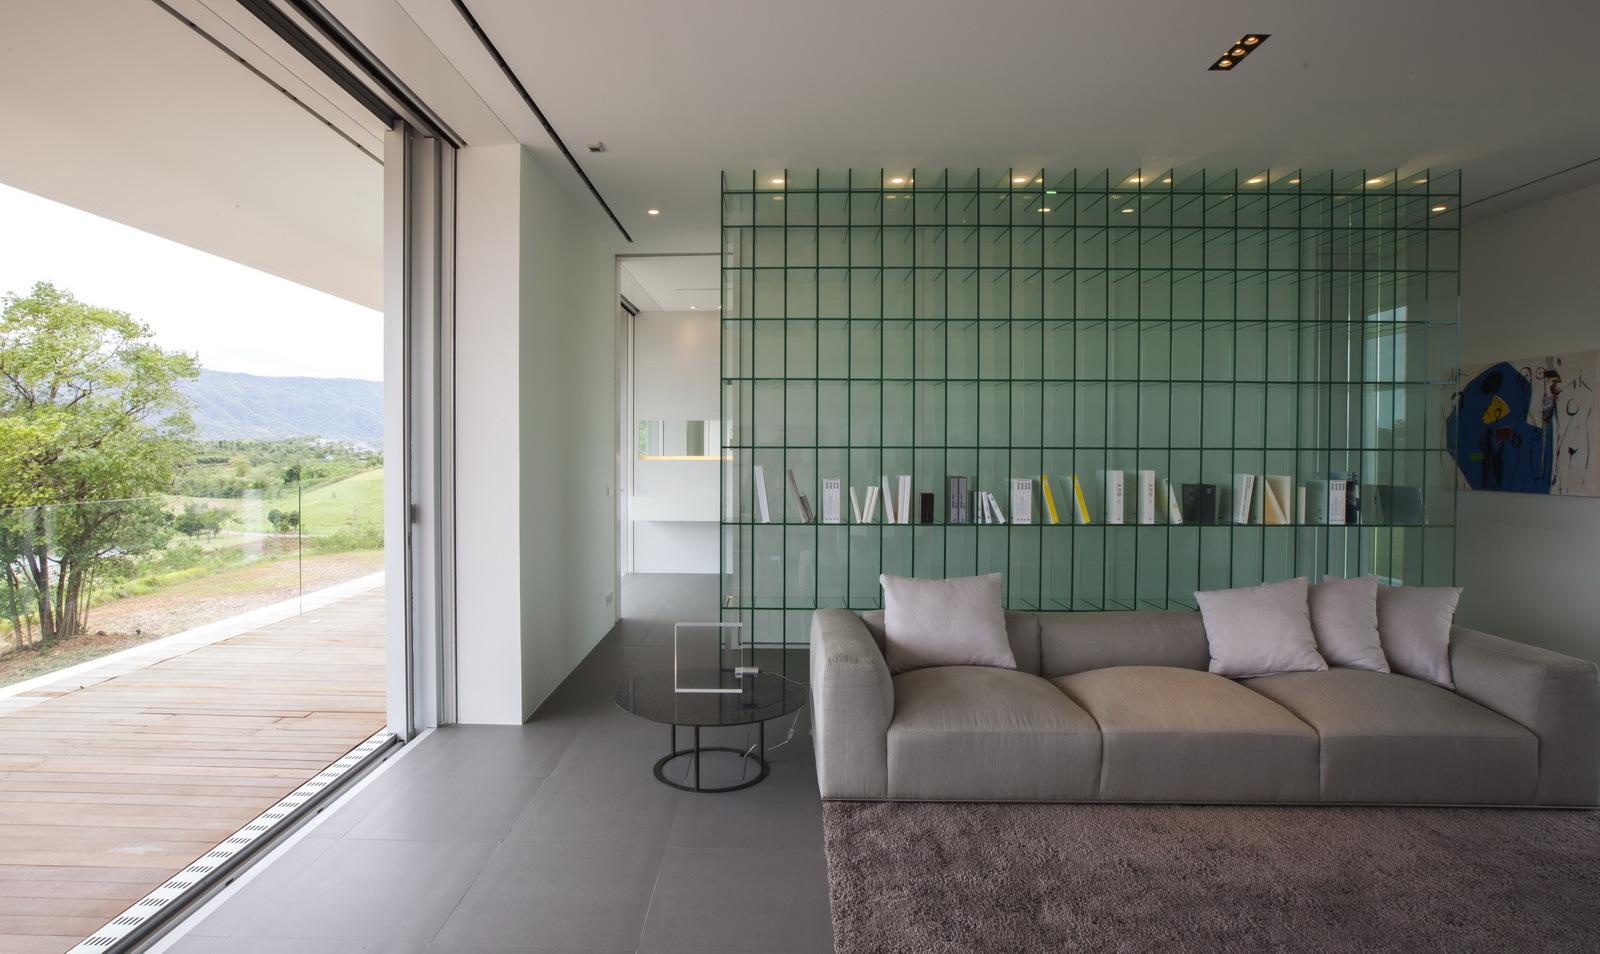 Bedroom Lounge Area Interior Design Ideas